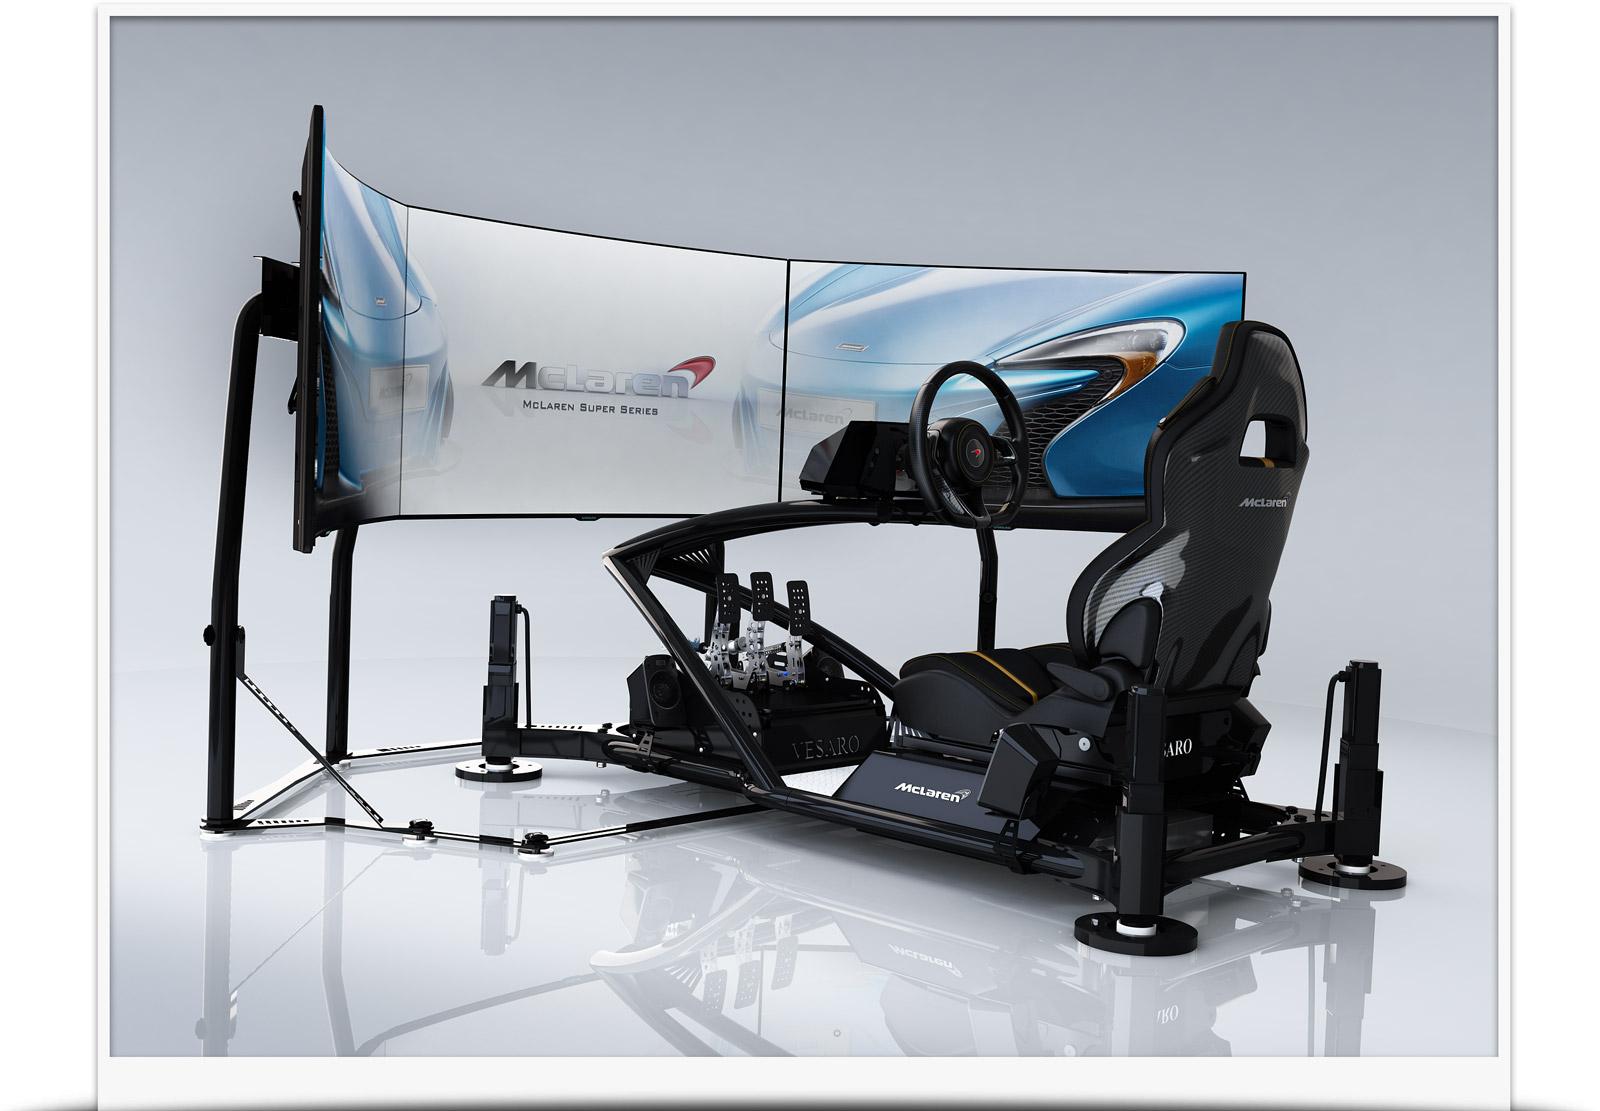 mclaren driving simulators